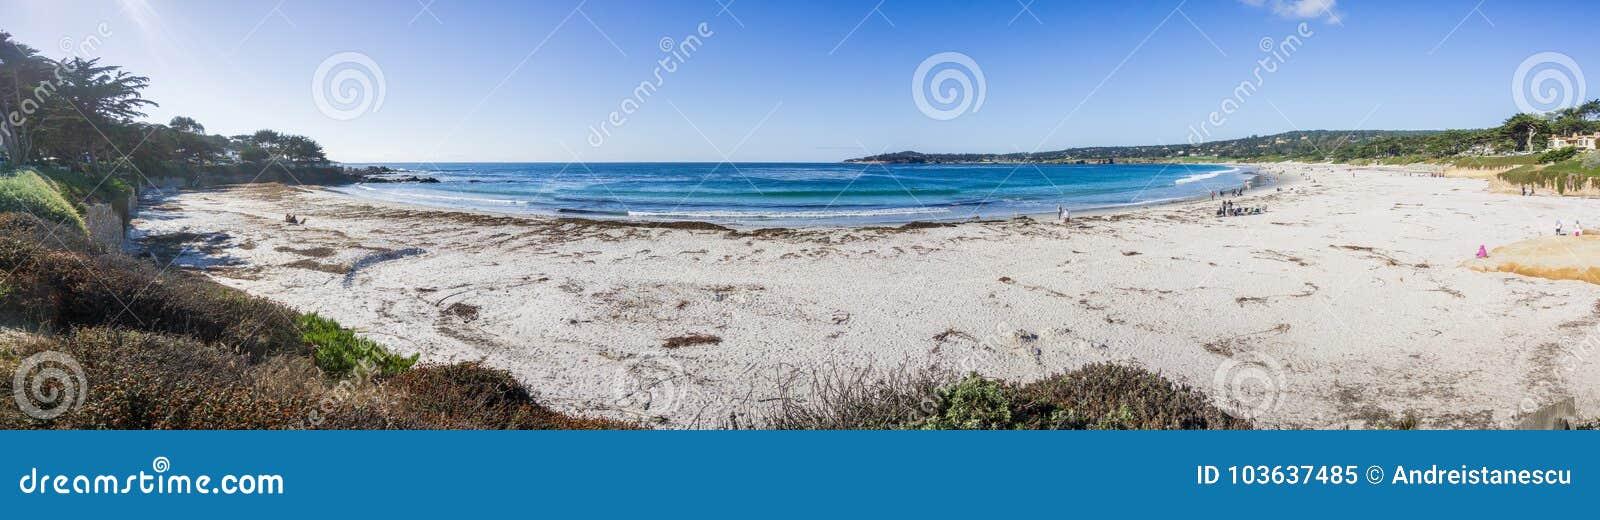 Панорамный взгляд пляжа положения Carmel, полуострова Carmel---моря, Монтерей, Калифорнии